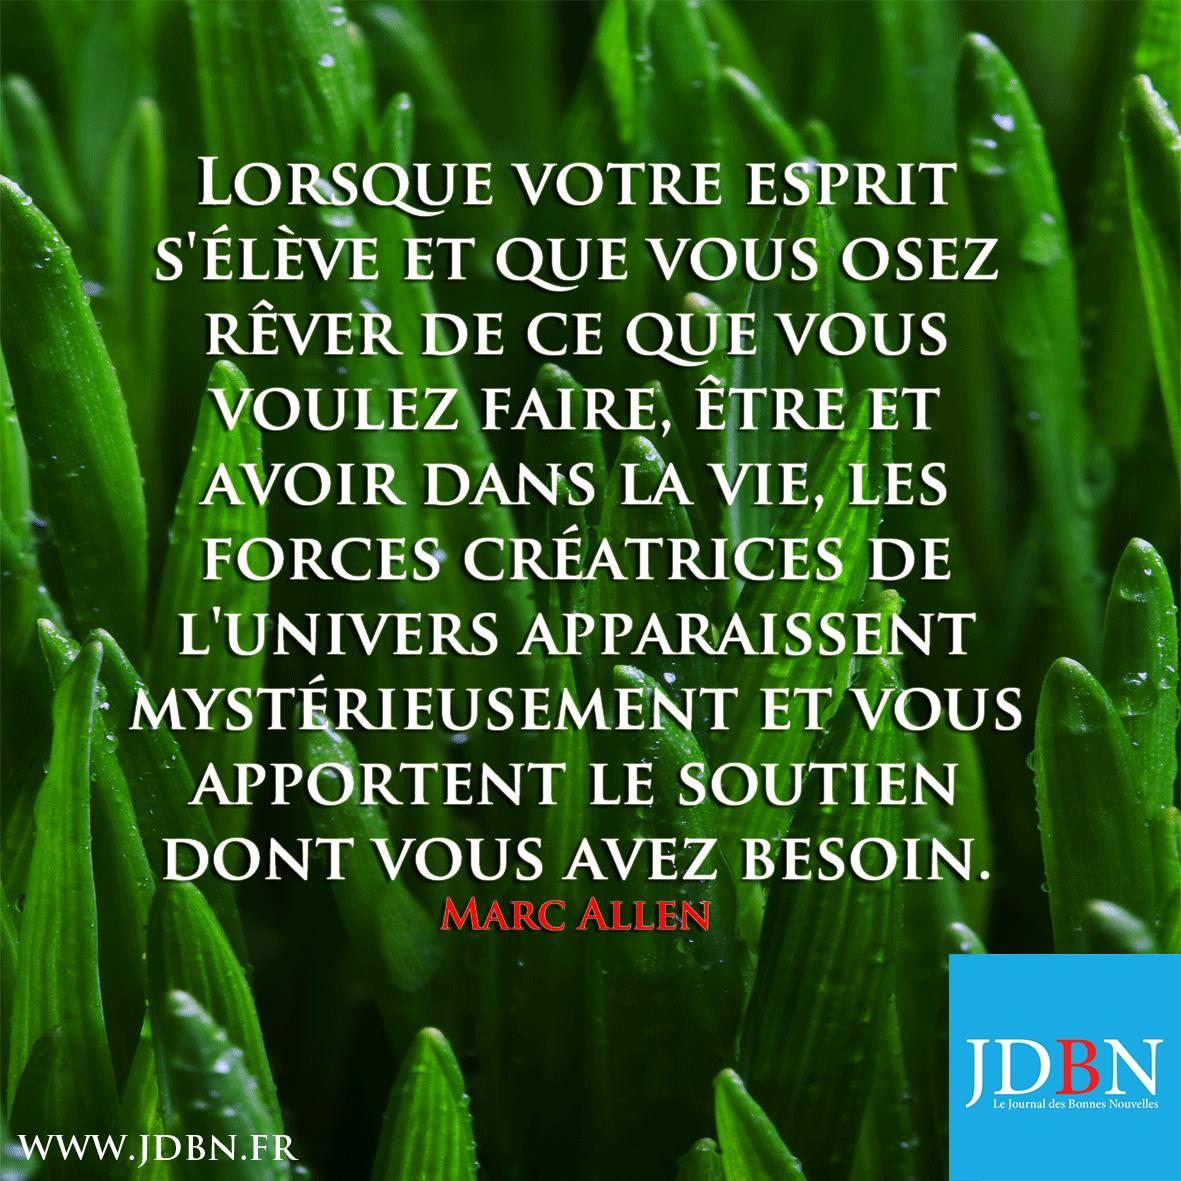 Bon Mercredi 13 Mars à toutes et à tous de la part du JDBN